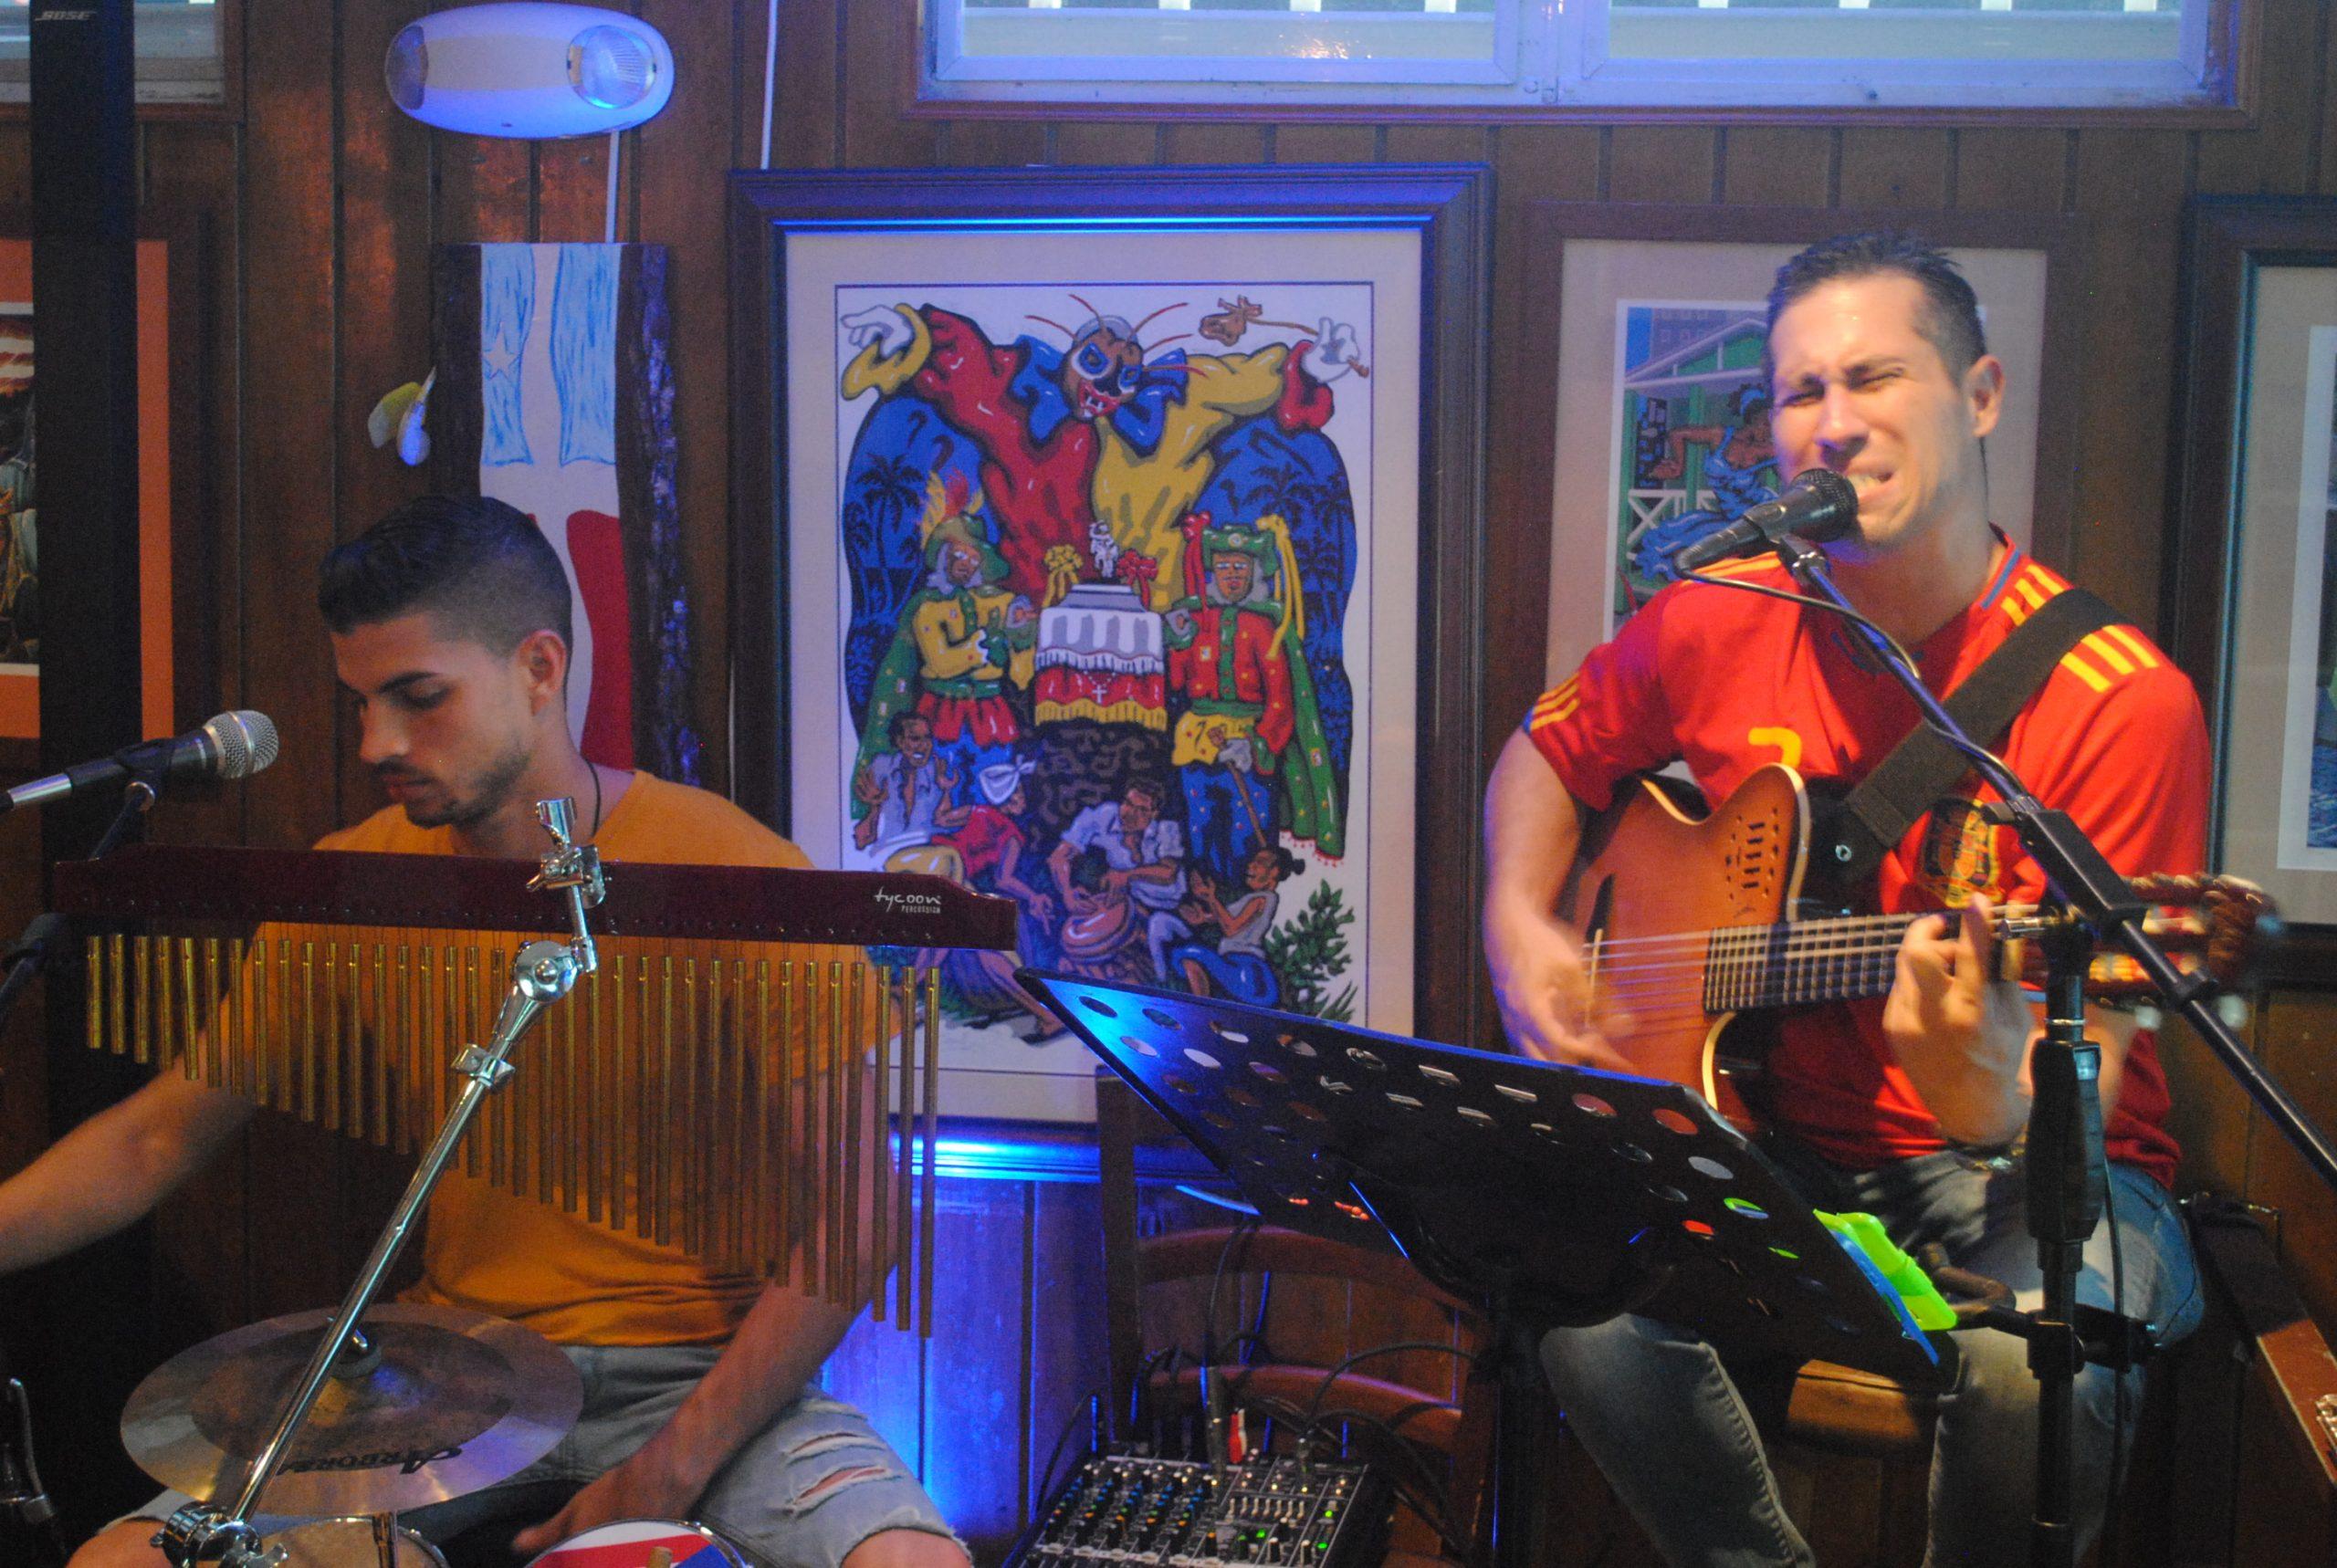 Sin Brújula, integrado por el percusionista Alan Padilla y el guitarristaflautista José Sánchez. (Foto Jaime Torres Torres para Fundación Nacional para la Cultura Popular)